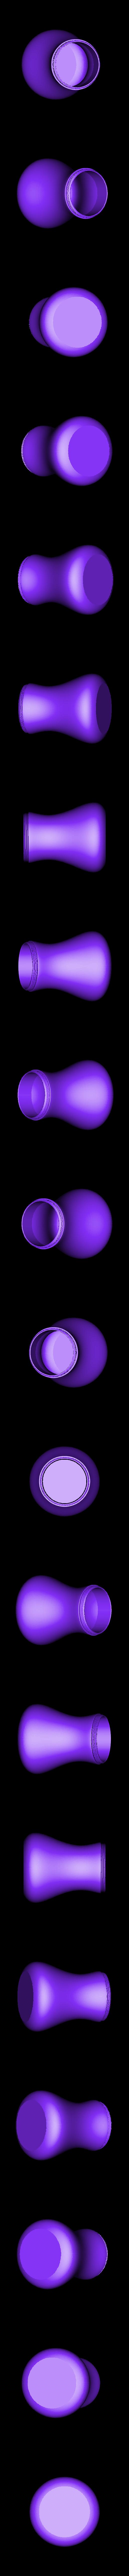 Rub_Bottle.stl Télécharger fichier STL gratuit Agitateur de frottement/épices • Design imprimable en 3D, Oggie